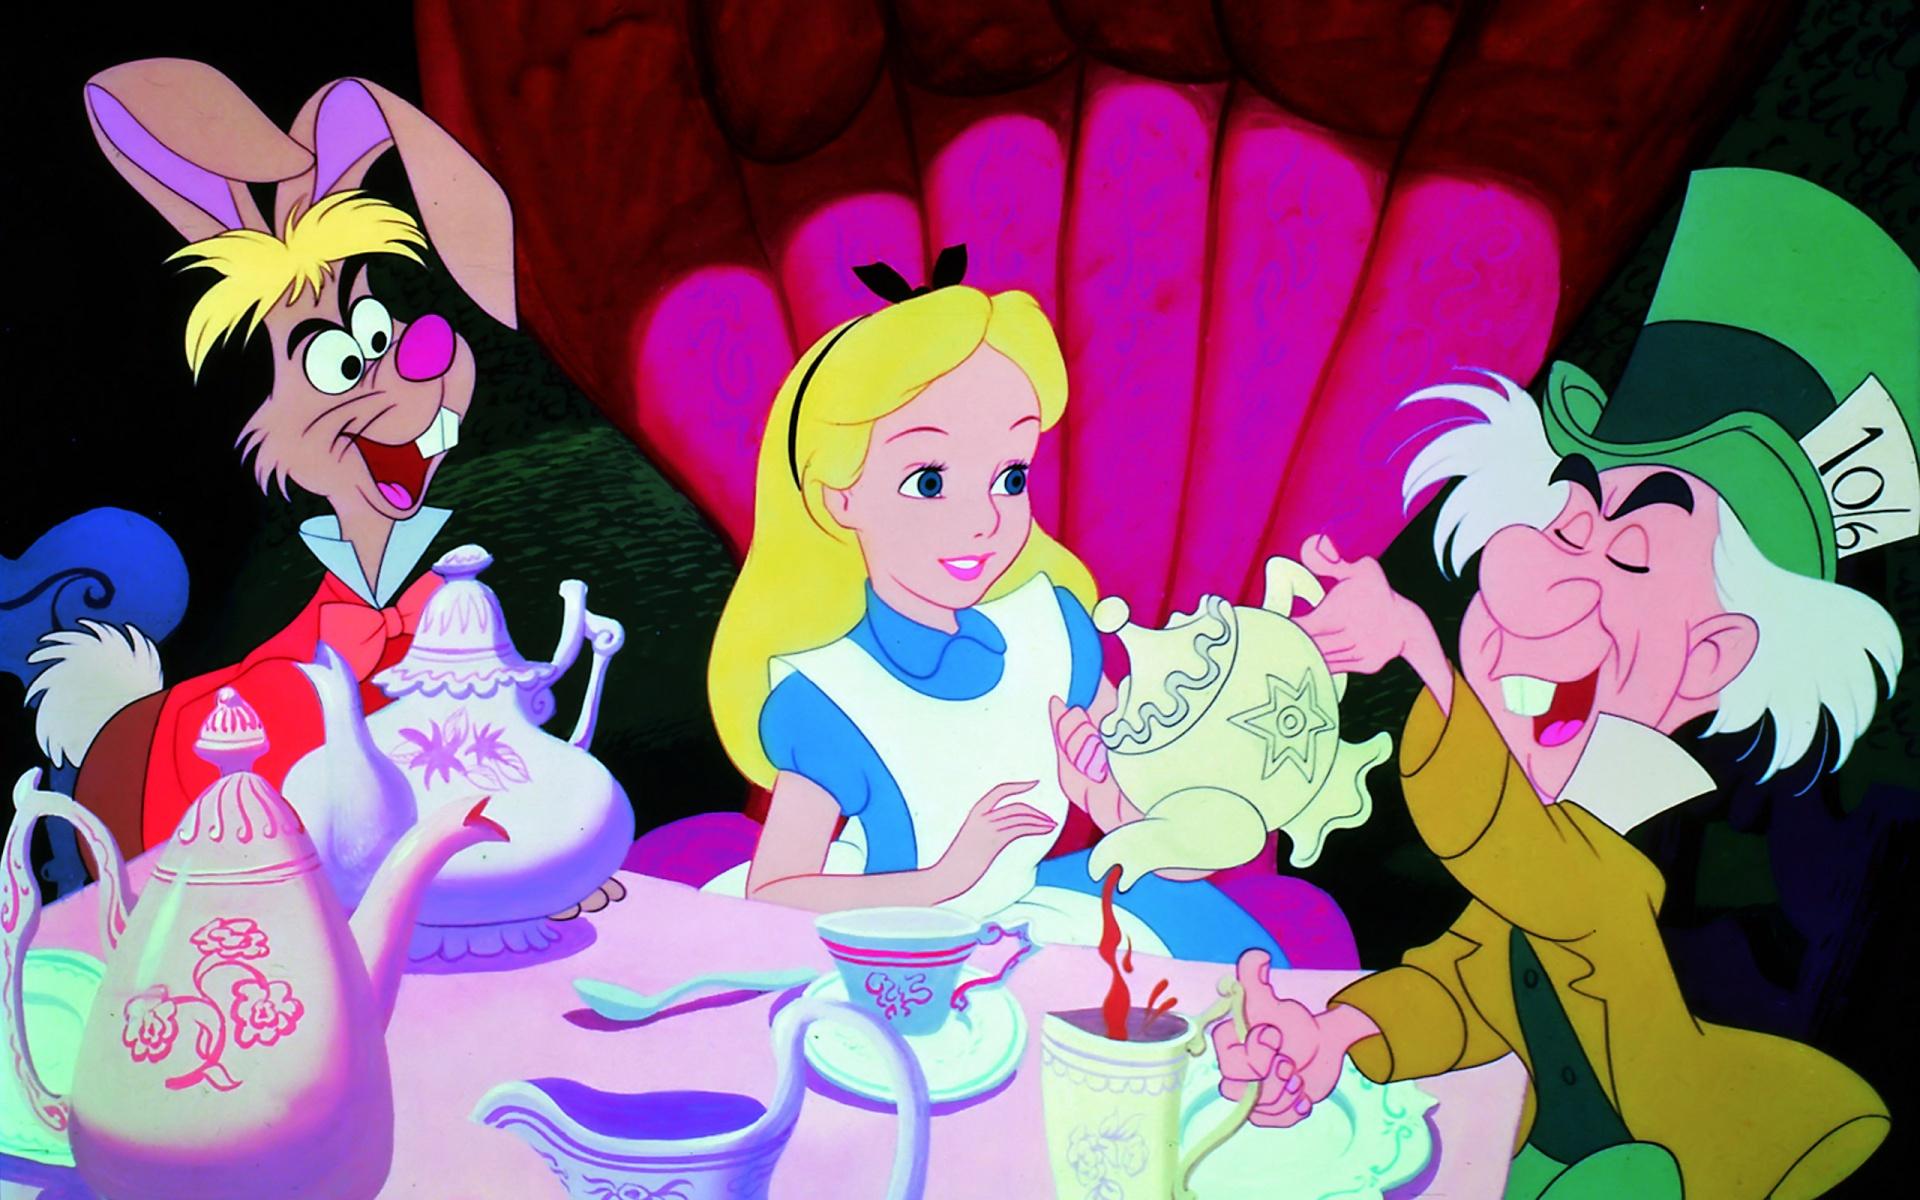 Free Download Alice In Wonderland Computer Wallpapers Desktop